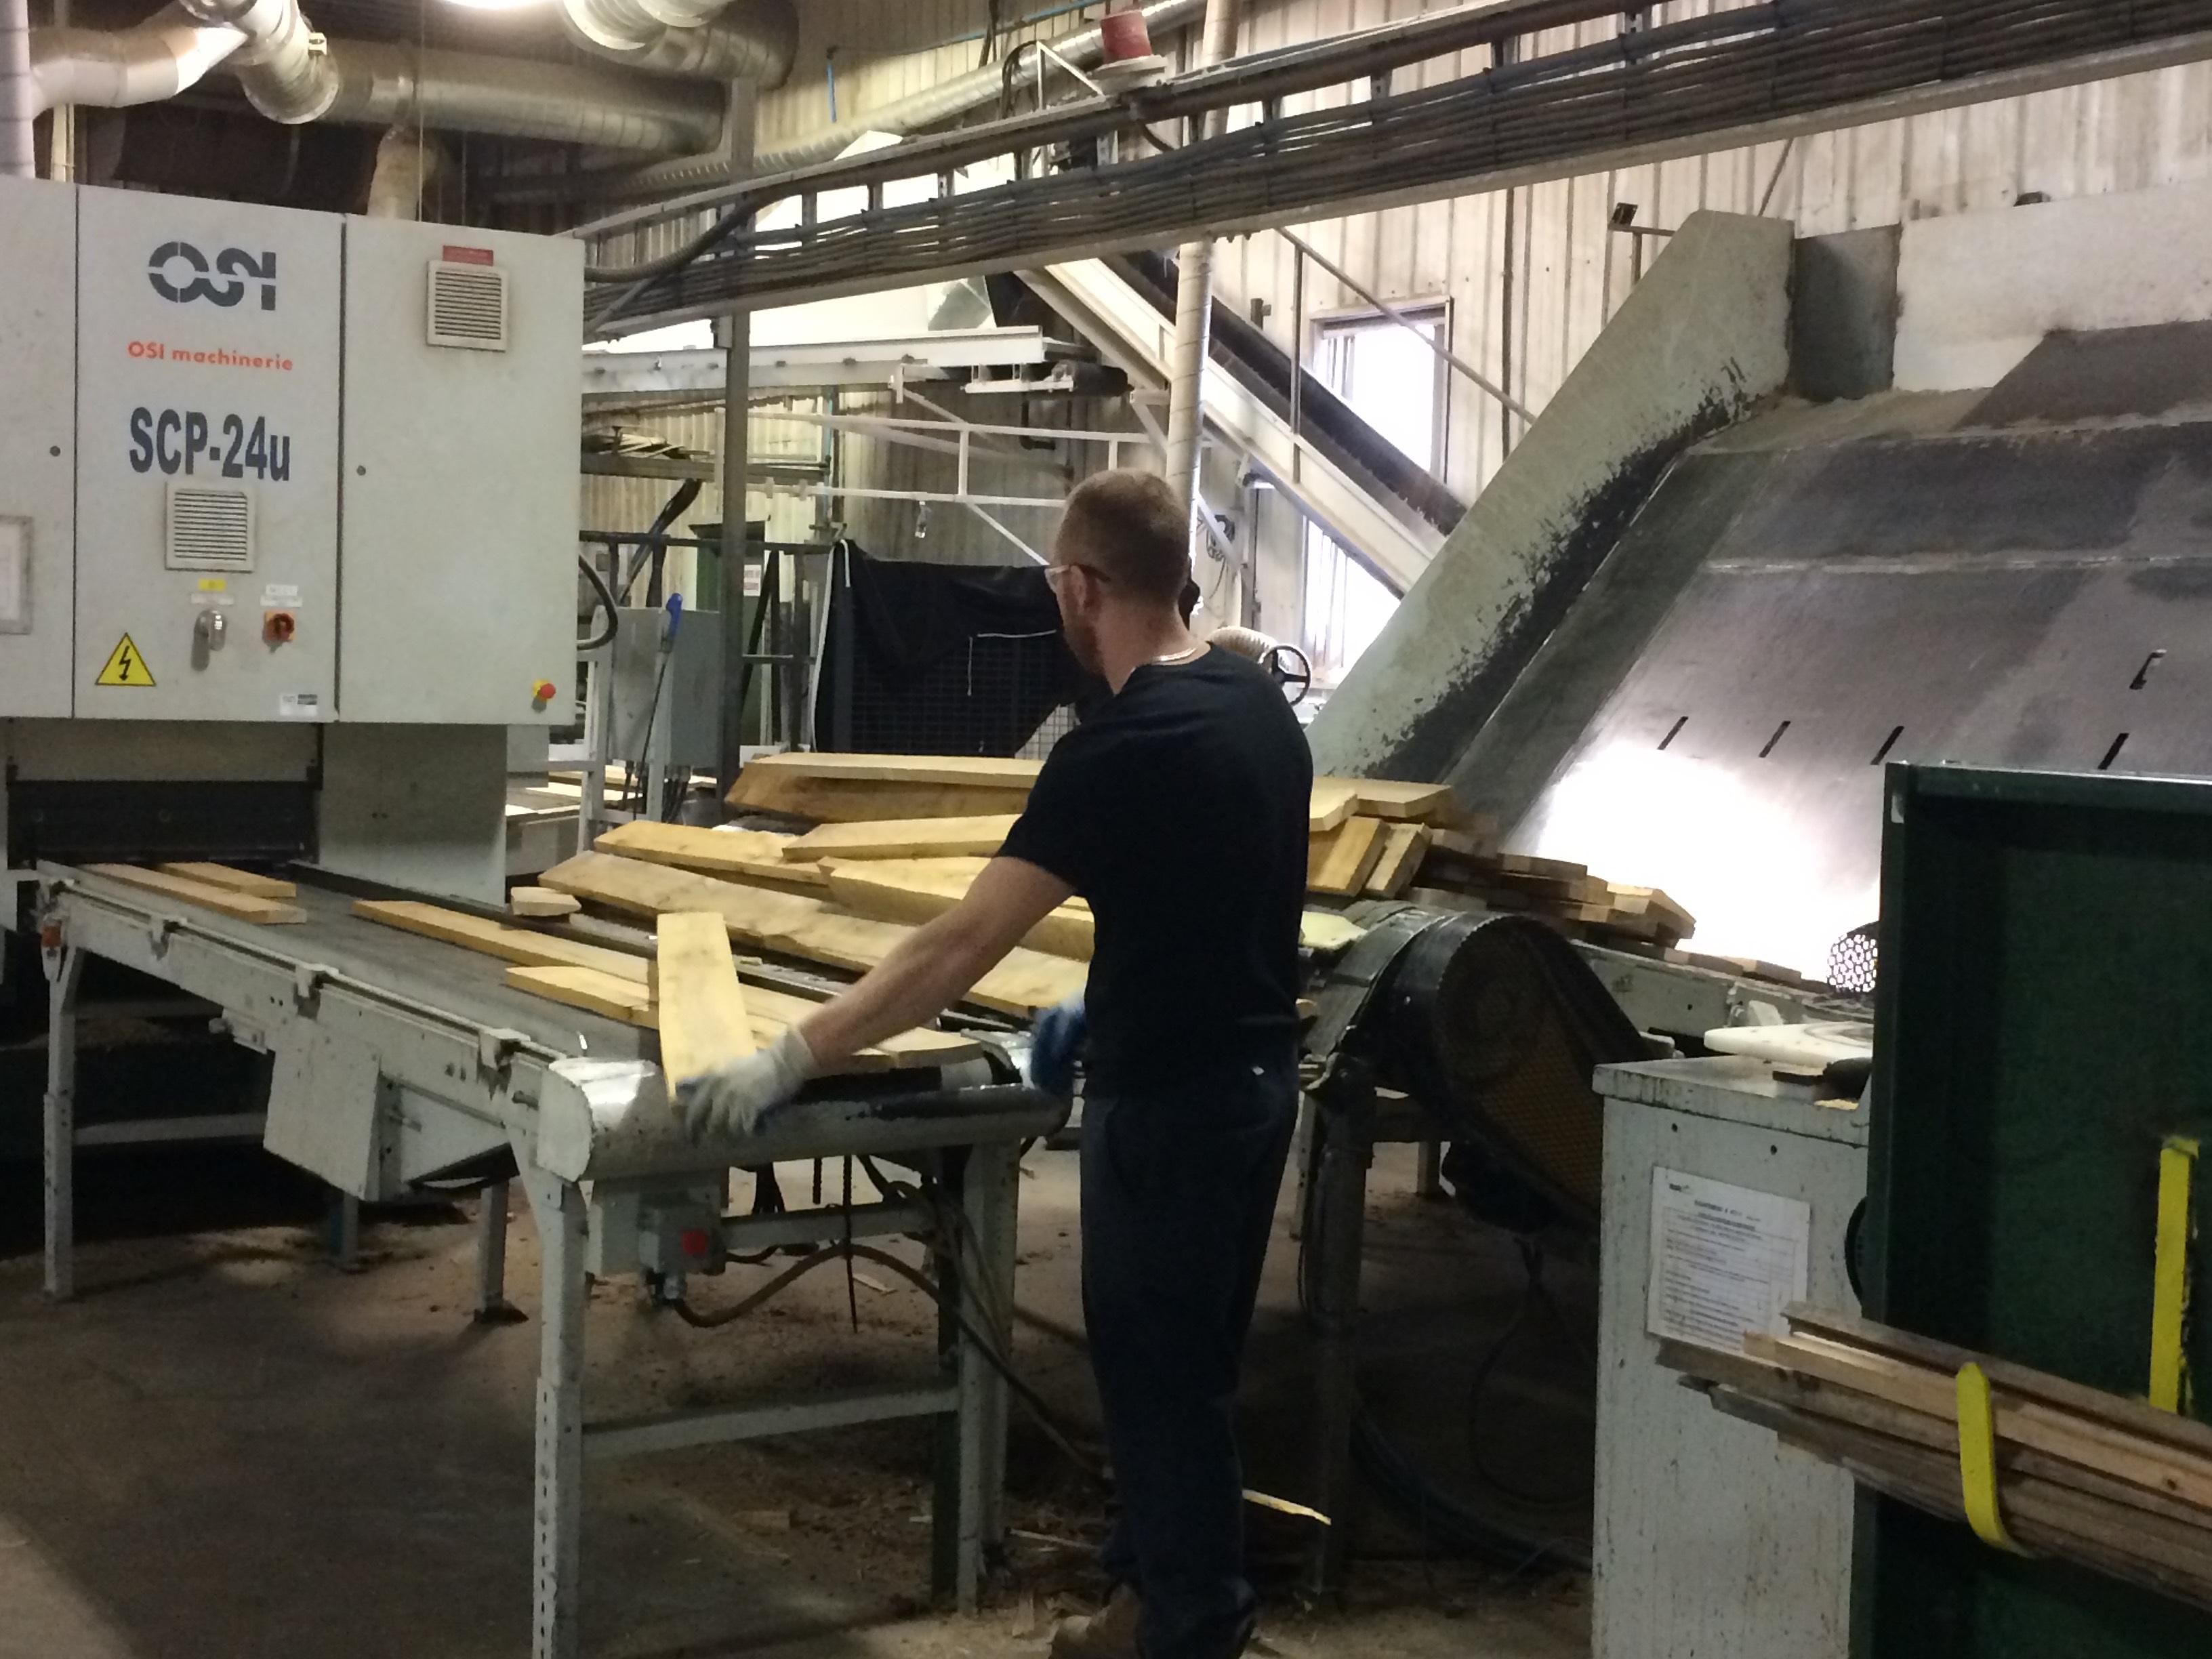 L'entreprise de Mont-Joli, Bois BSL, a reçu de l'aide financière gouvernementale pour élargir sa production.